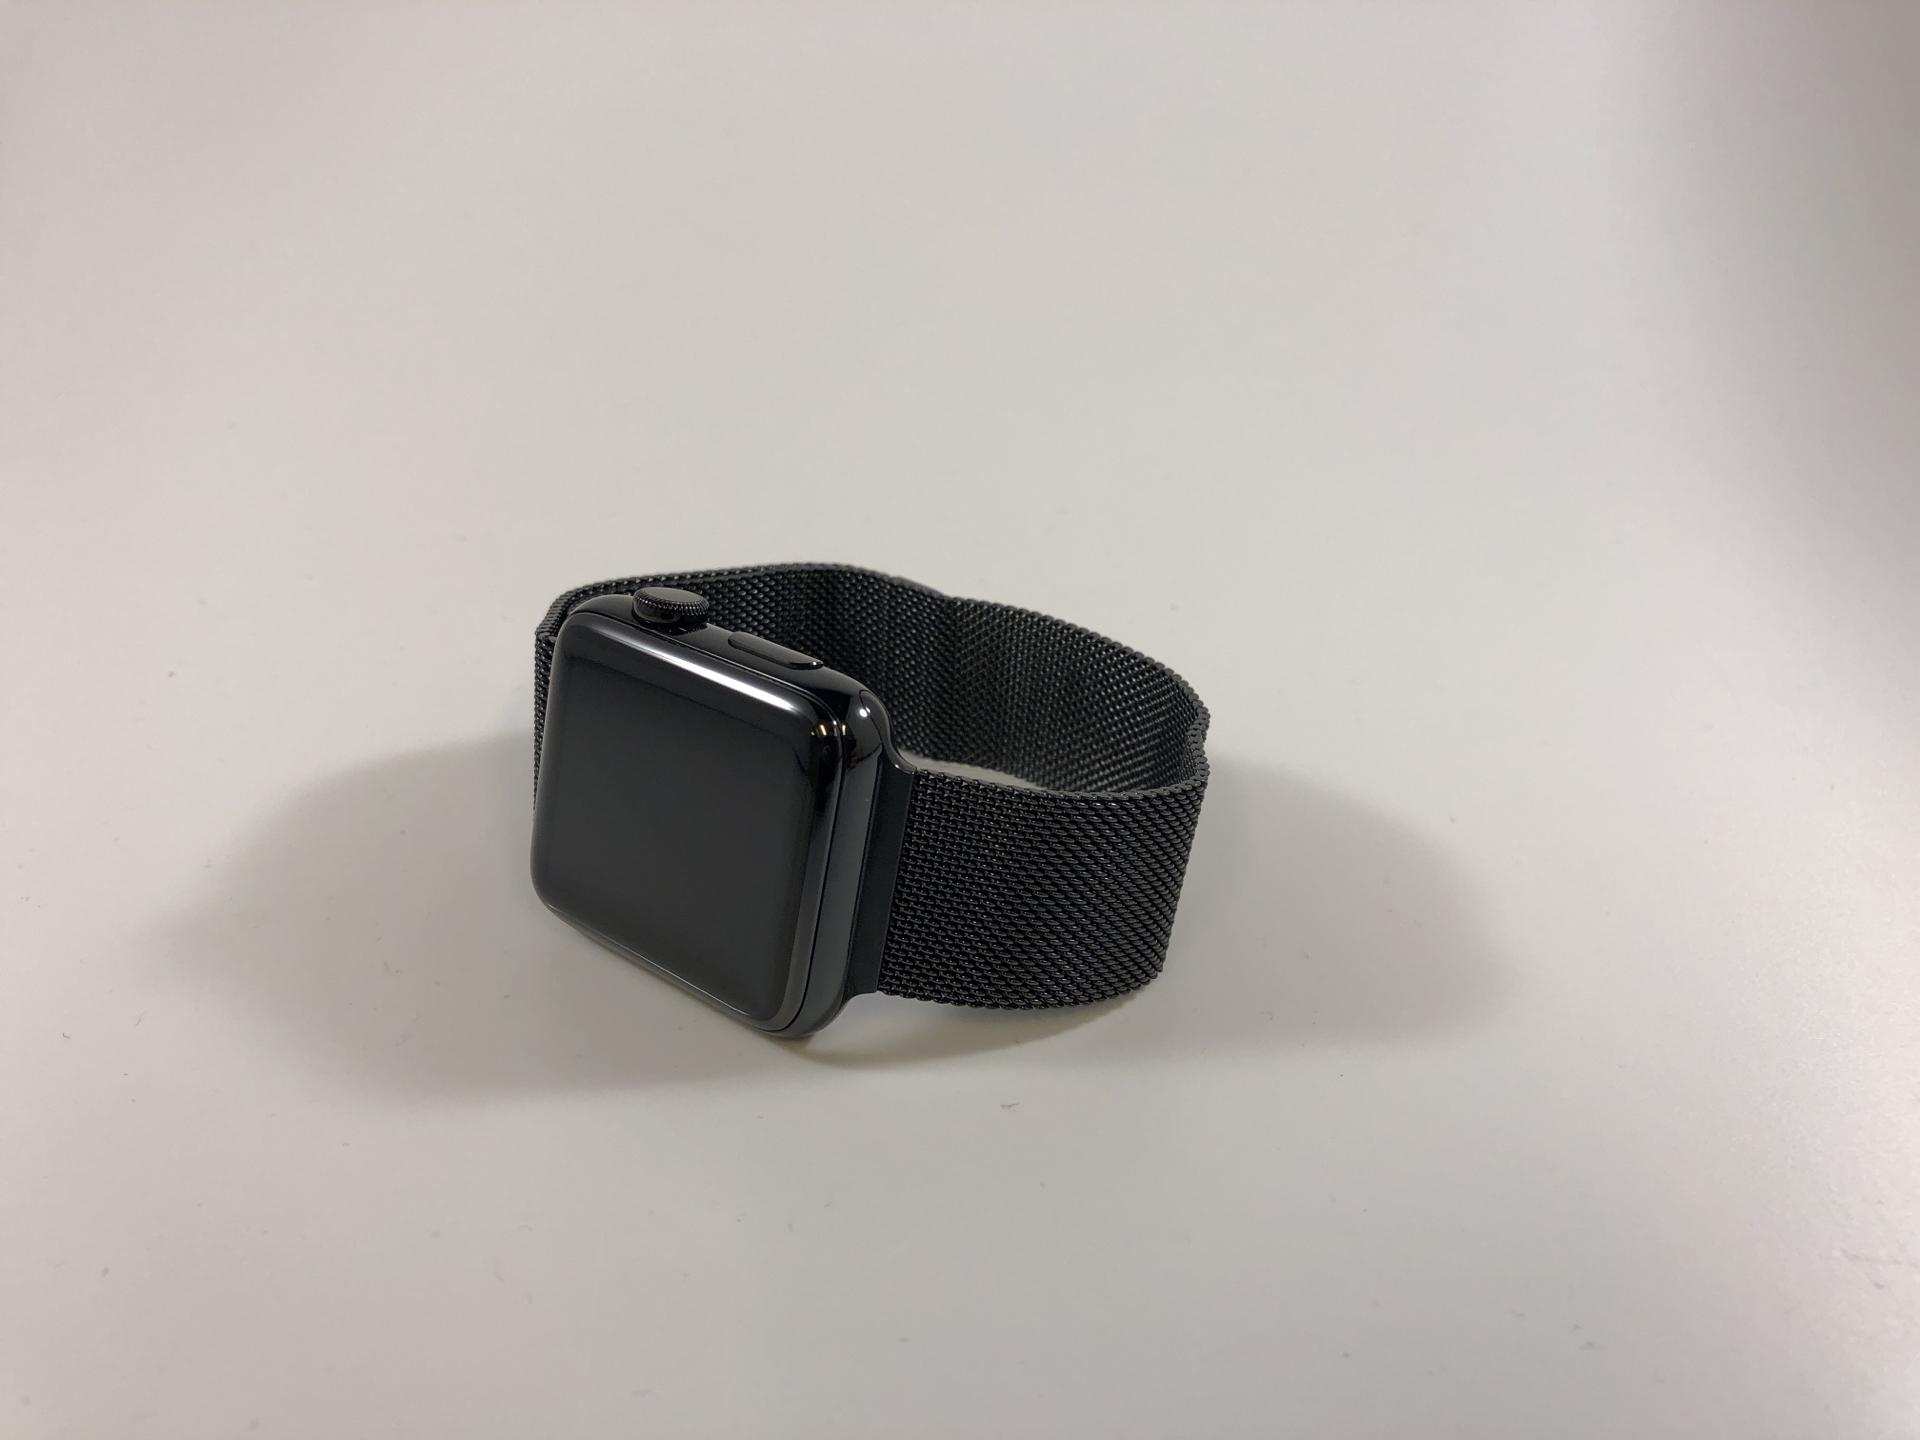 Watch Series 2 Steel (42mm), Space Black Stainless Steel, Space Black Milanese Loop, bild 1